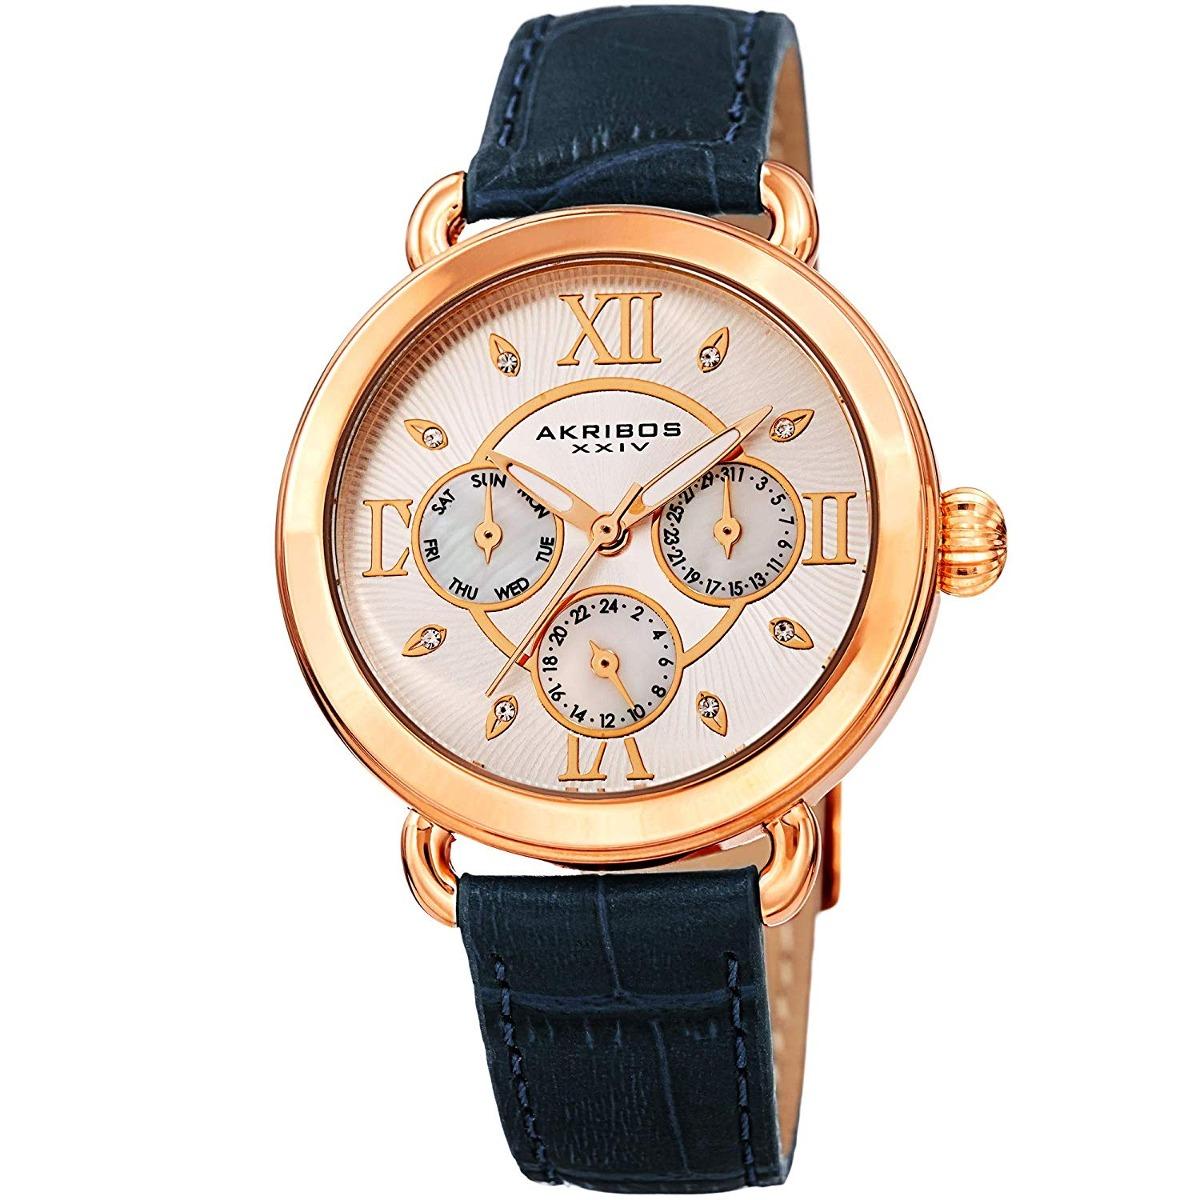 b0a8e692a8f Relógio Akribos Xxiv Multifunction Leather W - 222882 - R  751